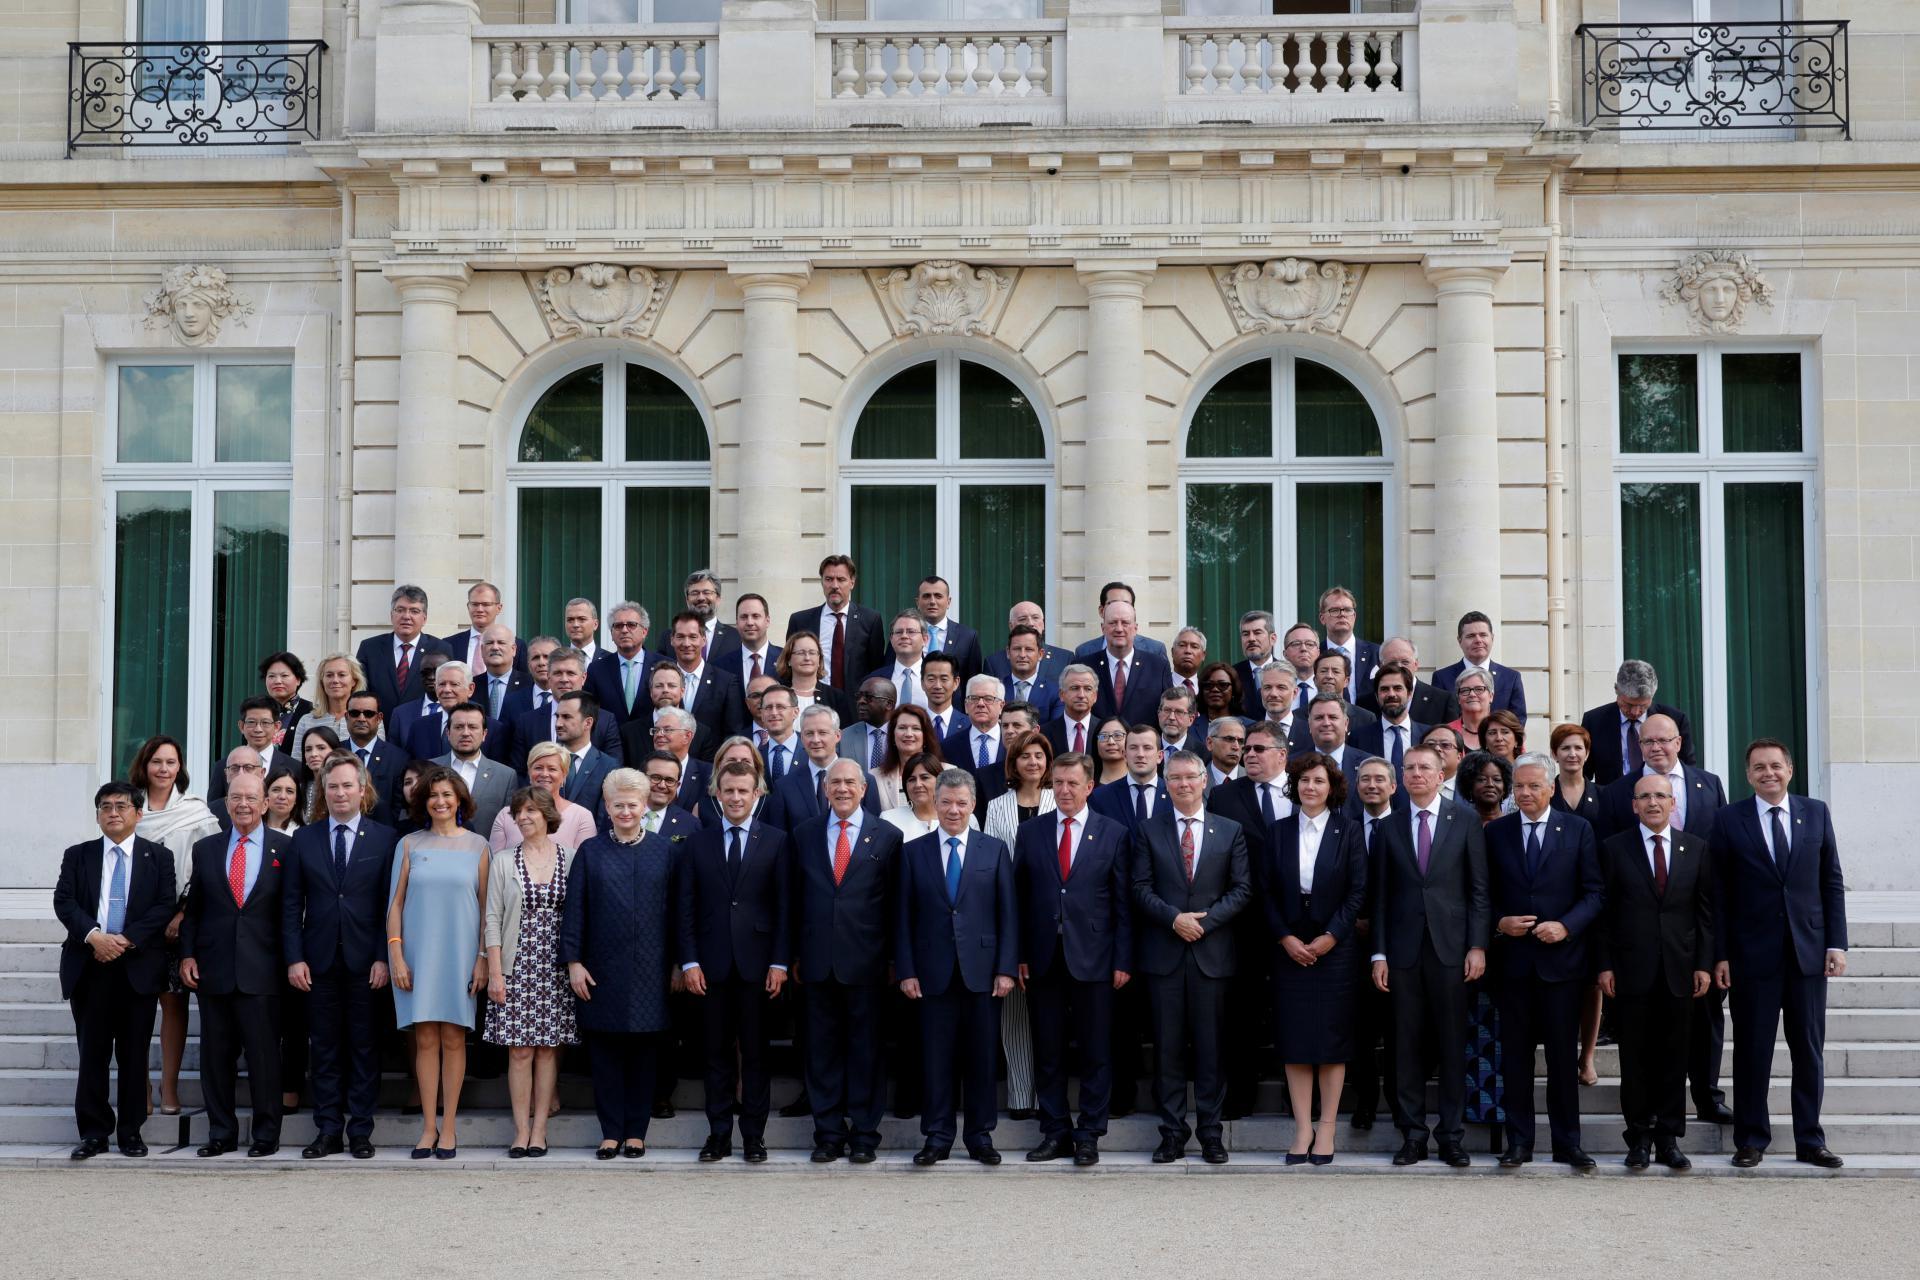 Predstavnici zemalja članica OECD-a ispred njezina središta u Parizu